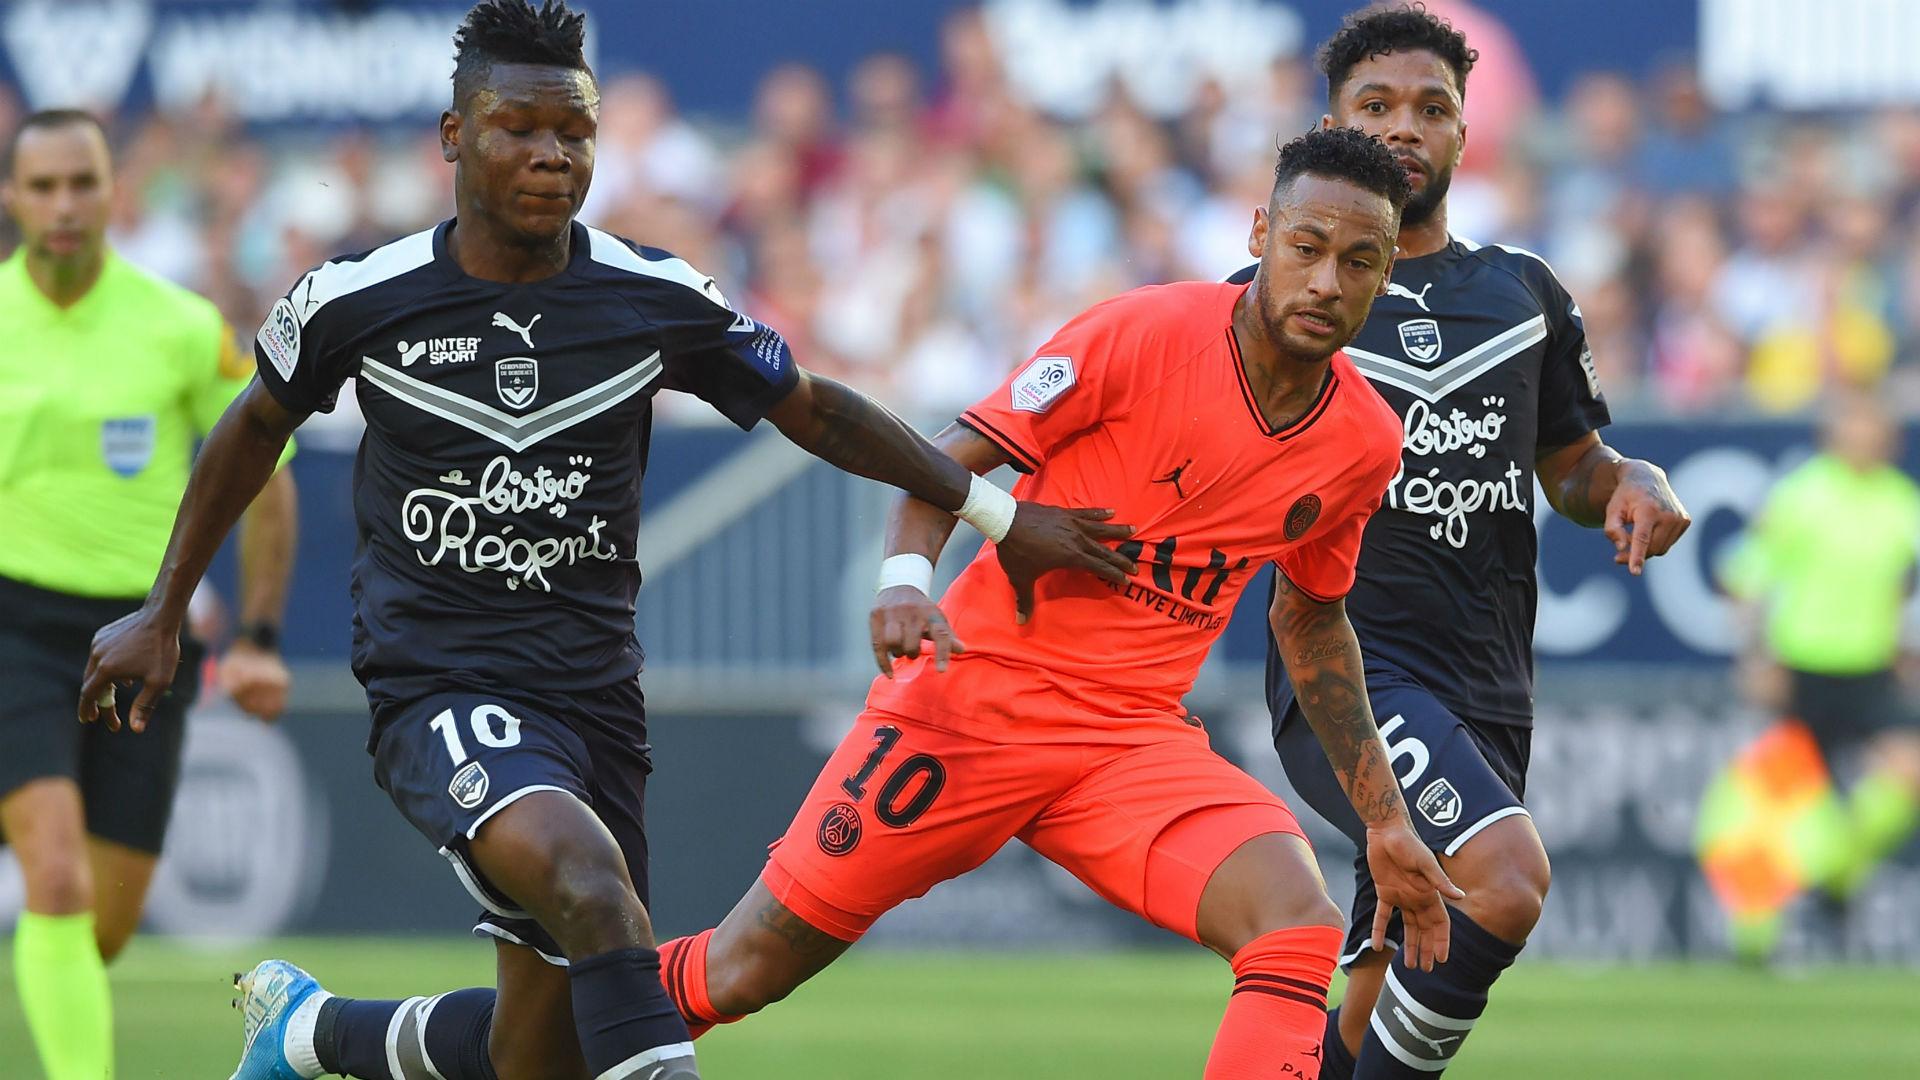 Kết quả hình ảnh cho PSG vs Bordeaux